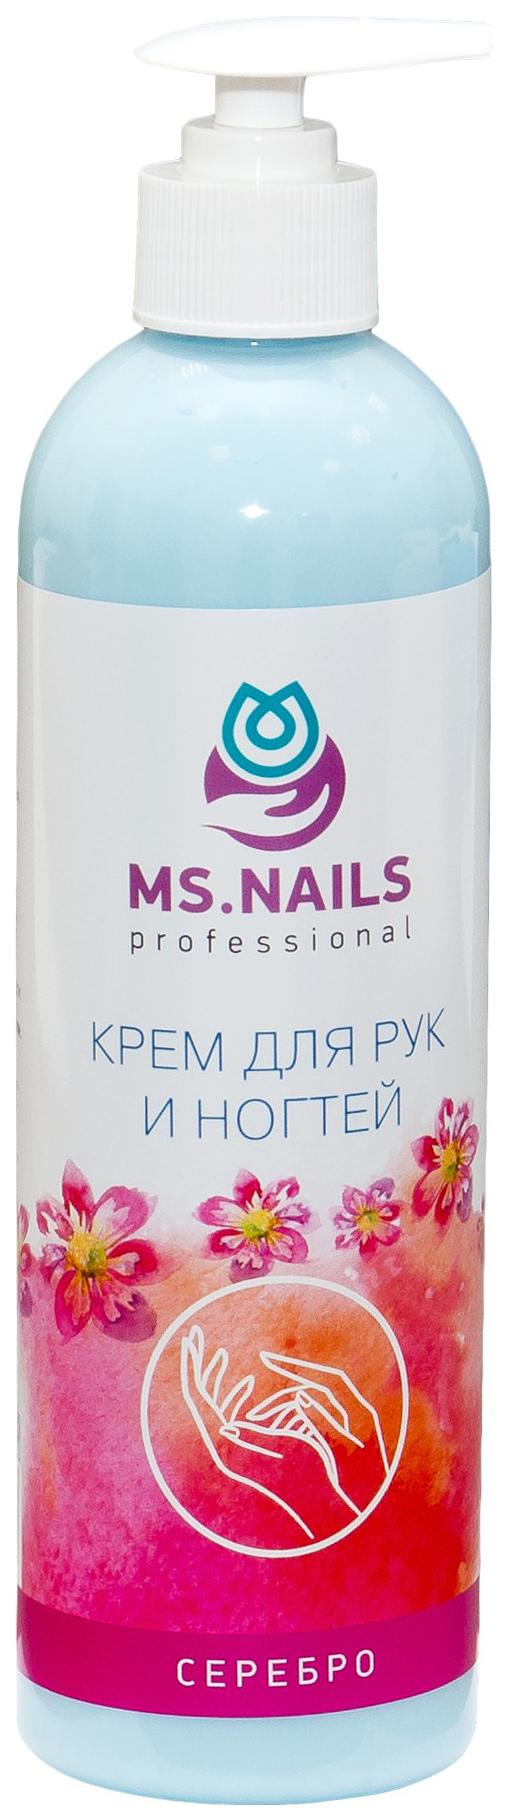 Купить Крем для рук Ms.Nails Для рук и ногтей 500 мл